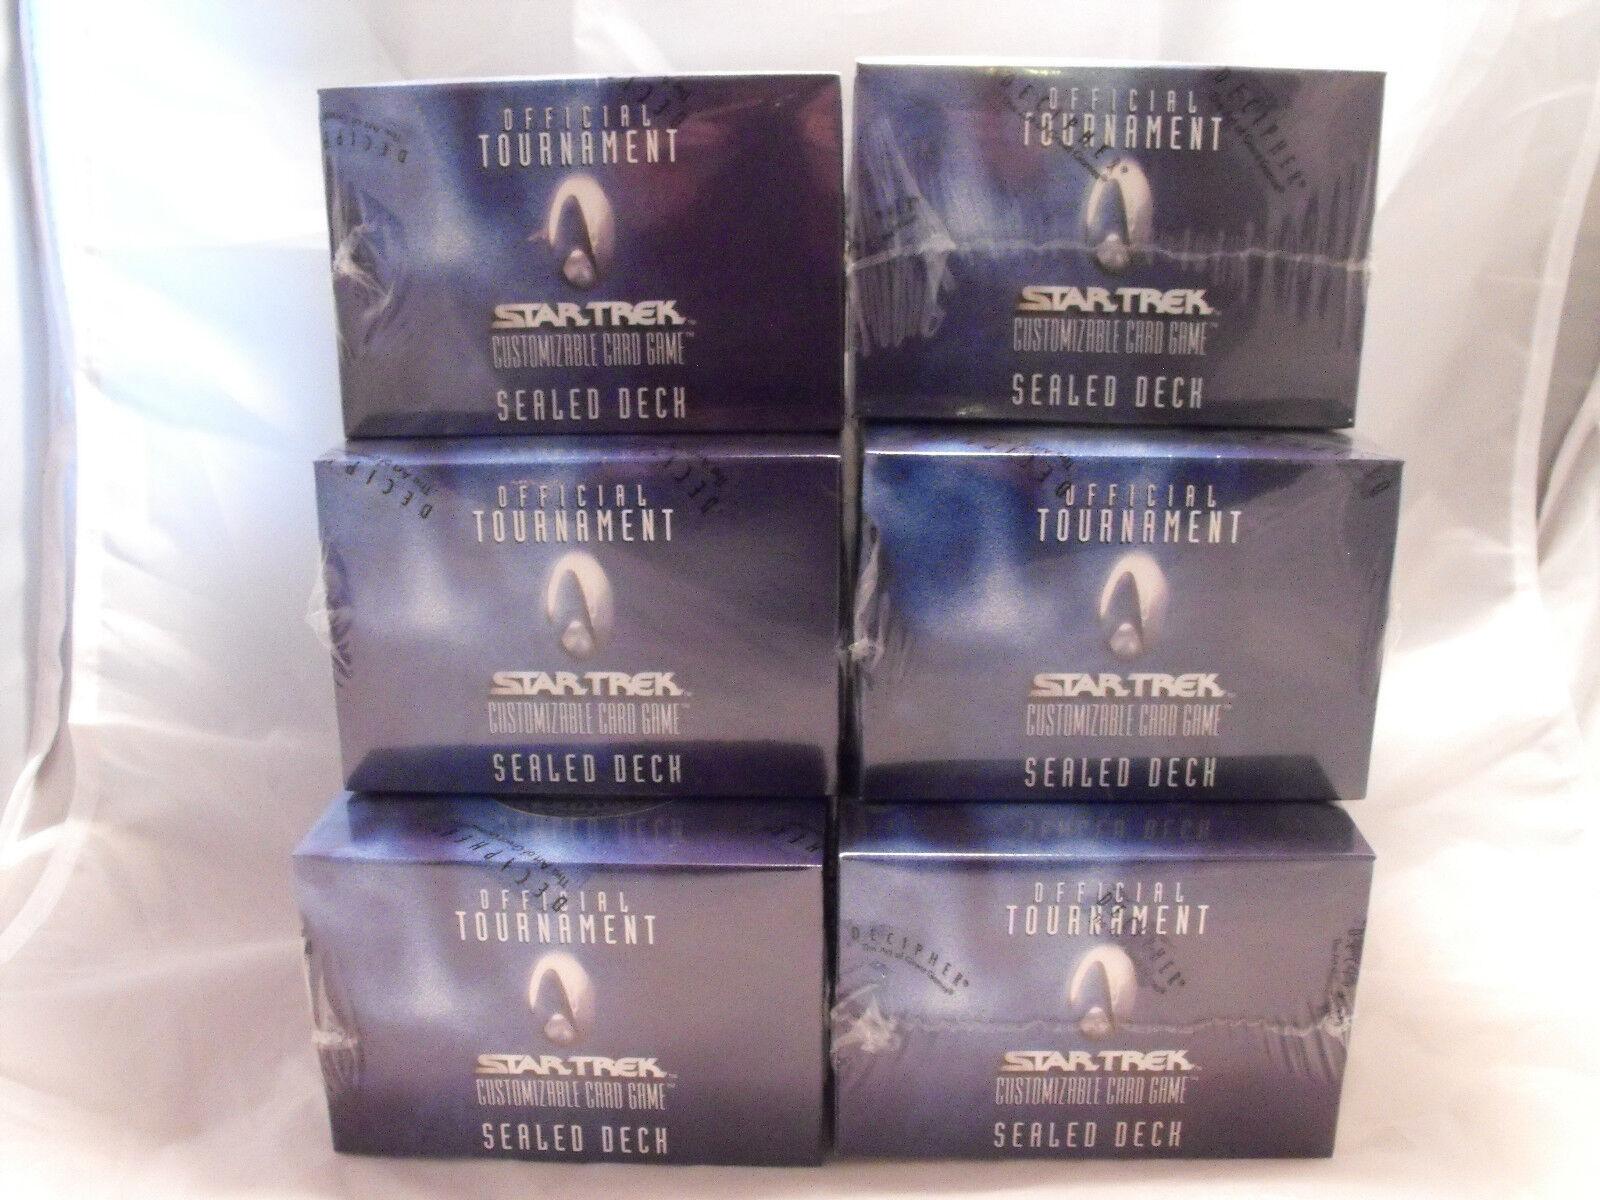 Star Trek Ccg Otsd Ufficiale Torneo Torneo Torneo Sigillato Mazzo Lotto di 6 071c7b